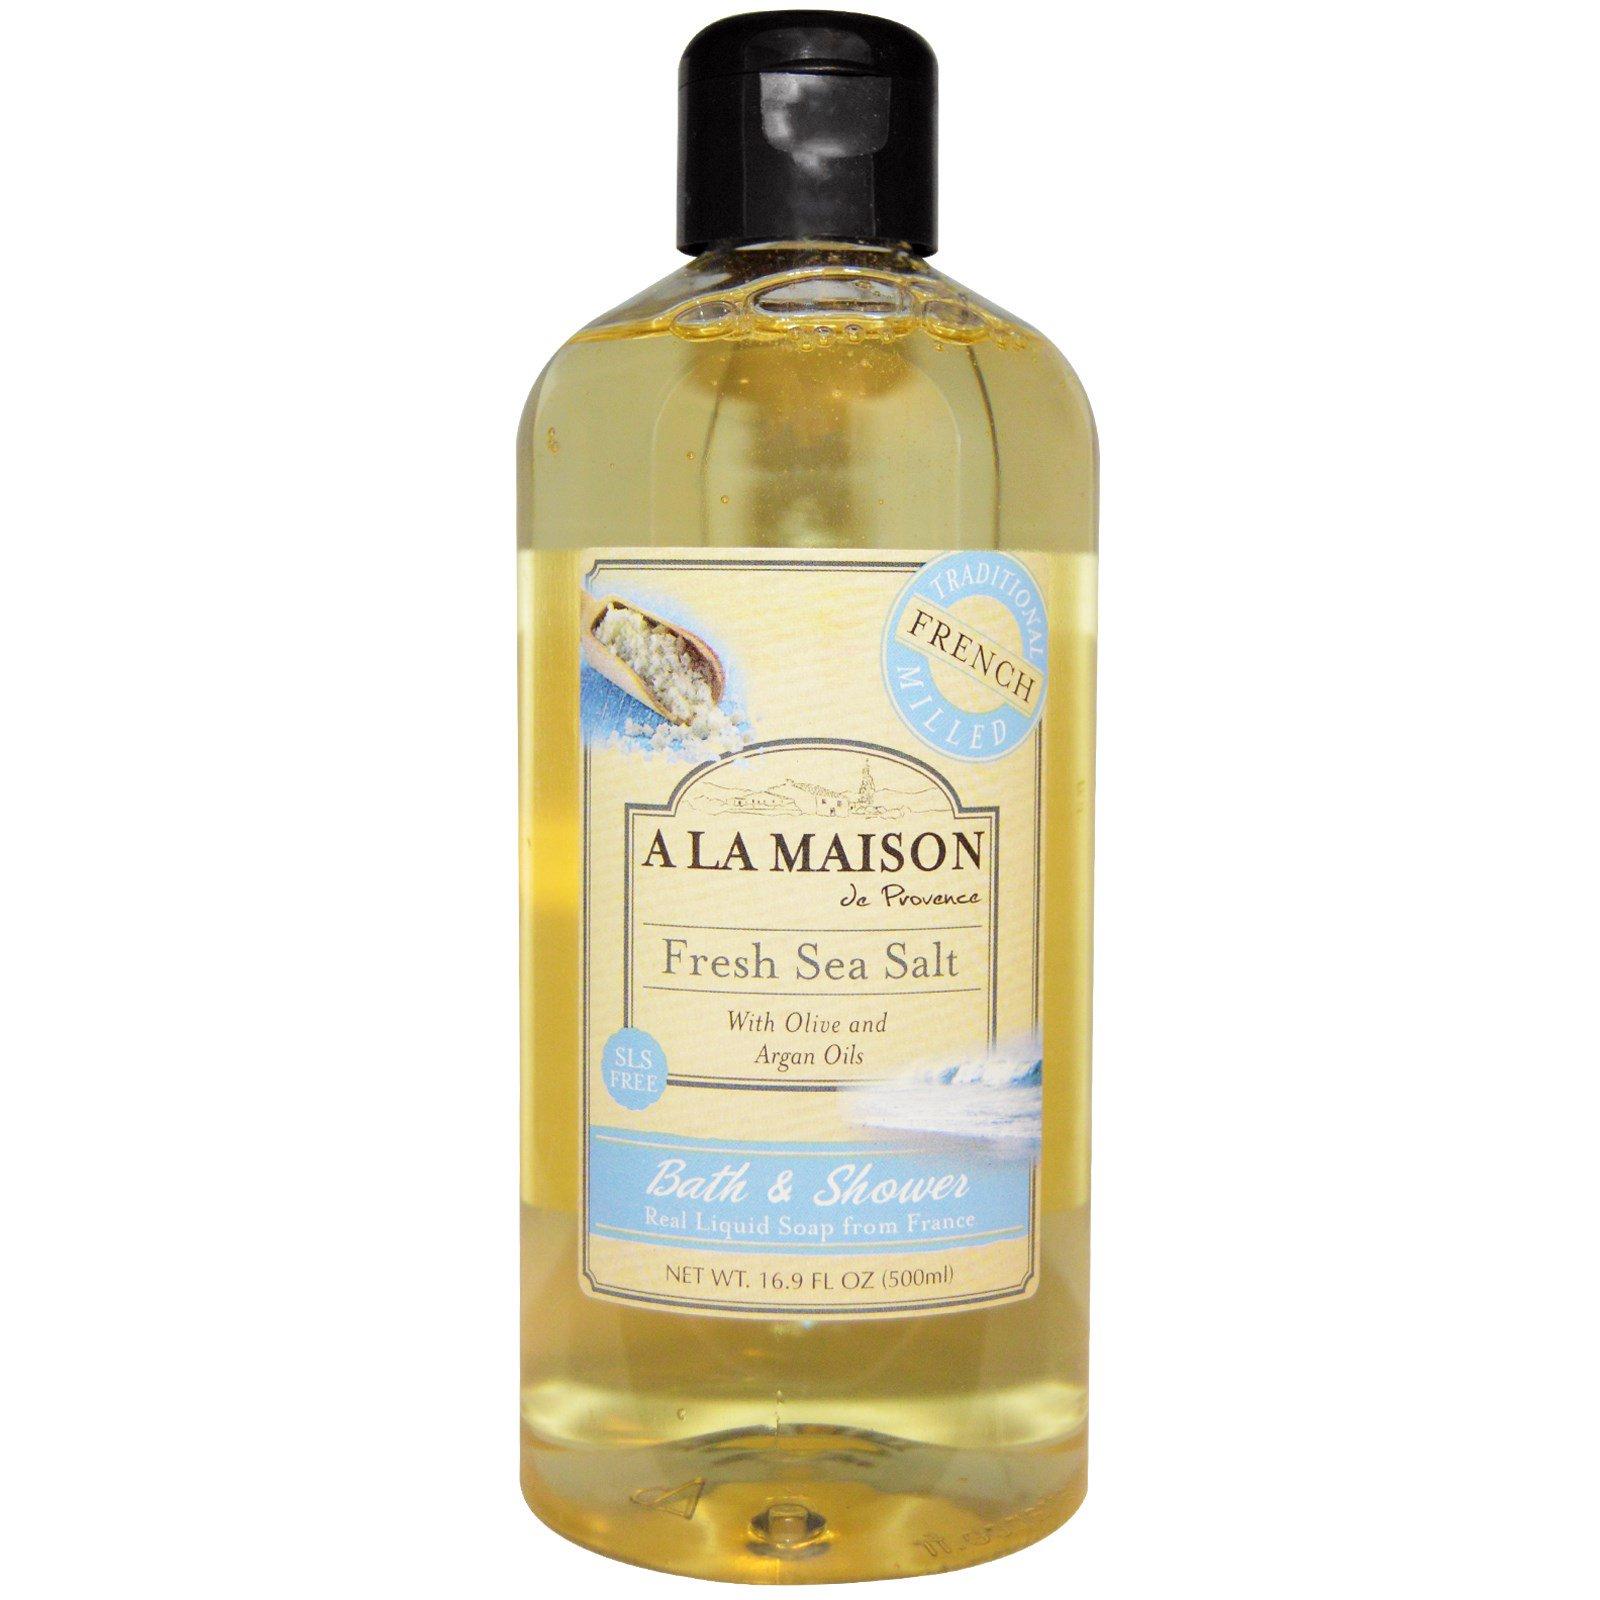 A La Maison de Provence, Жидкое мыло для ванны и душа, Свежая морская соль, 16,9 унции (500 мл)